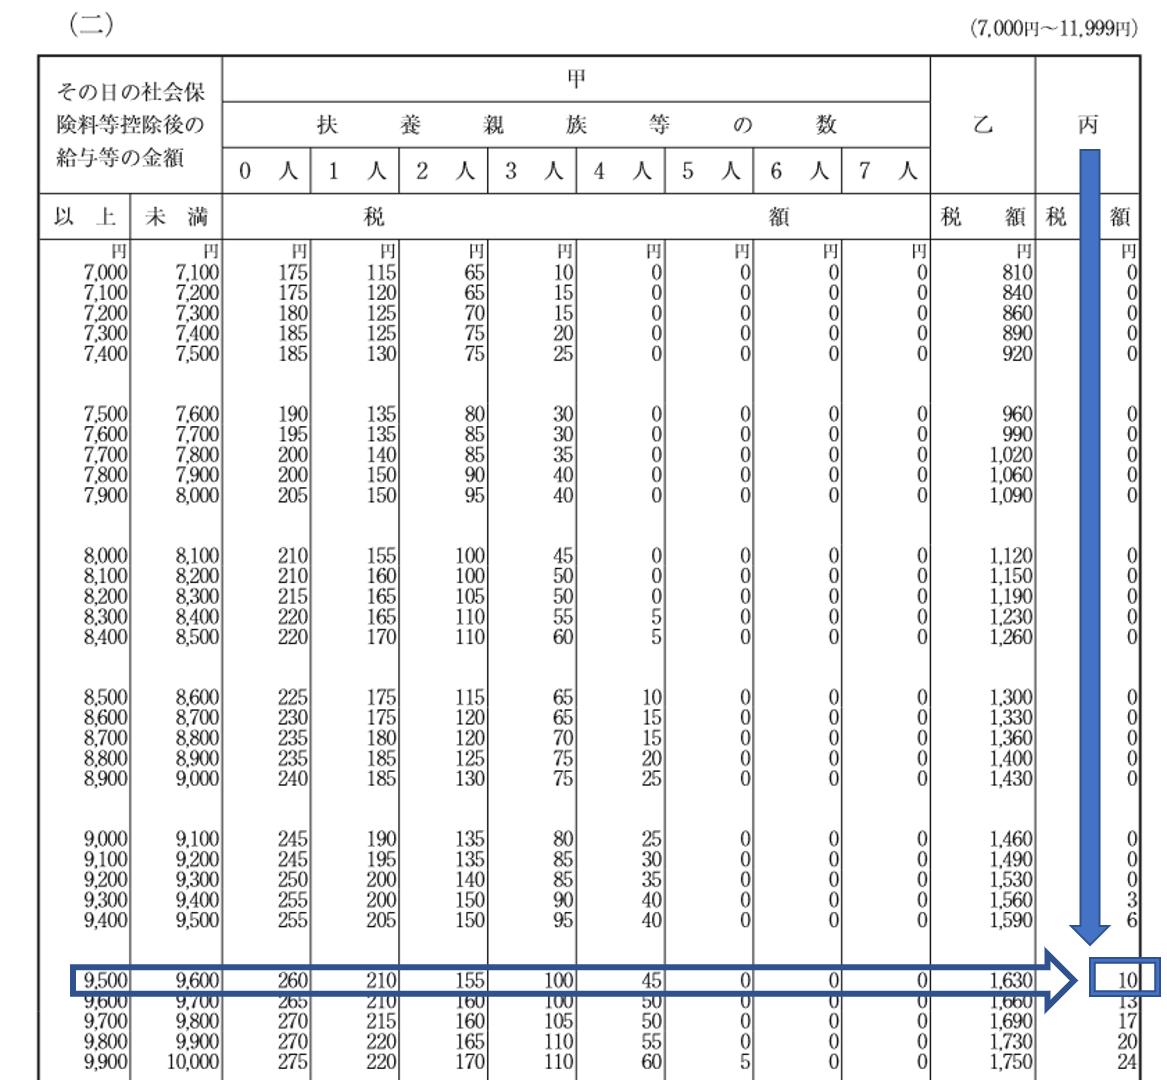 源泉徴収月額表